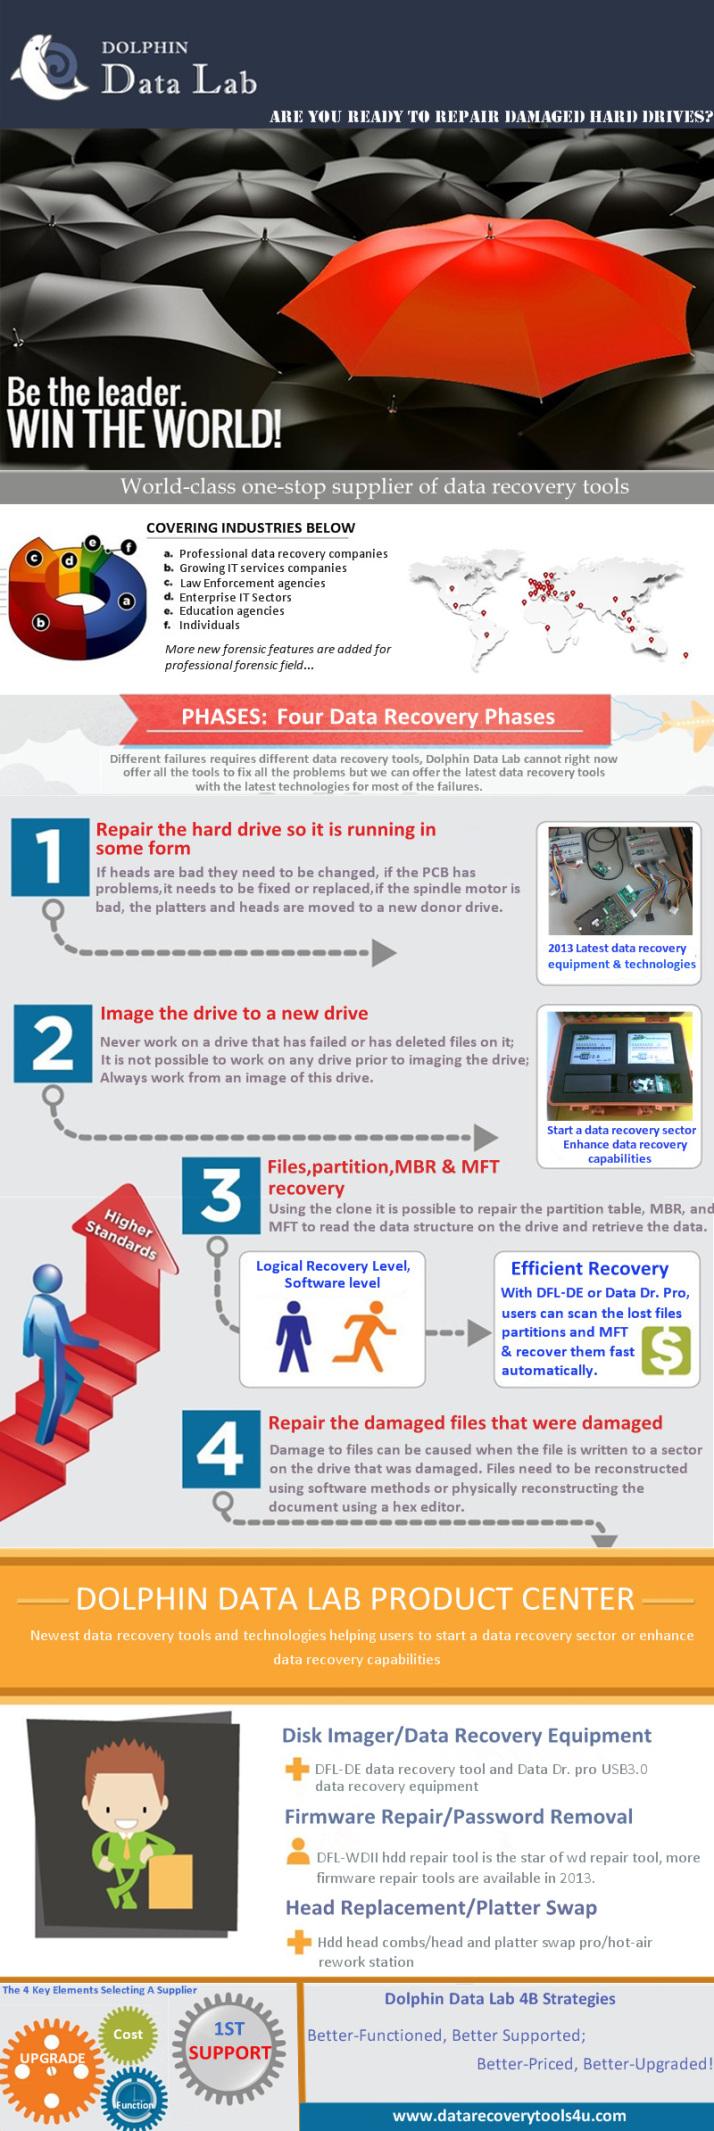 Las 4 fases de la recuperación de datos #infografia #infographic